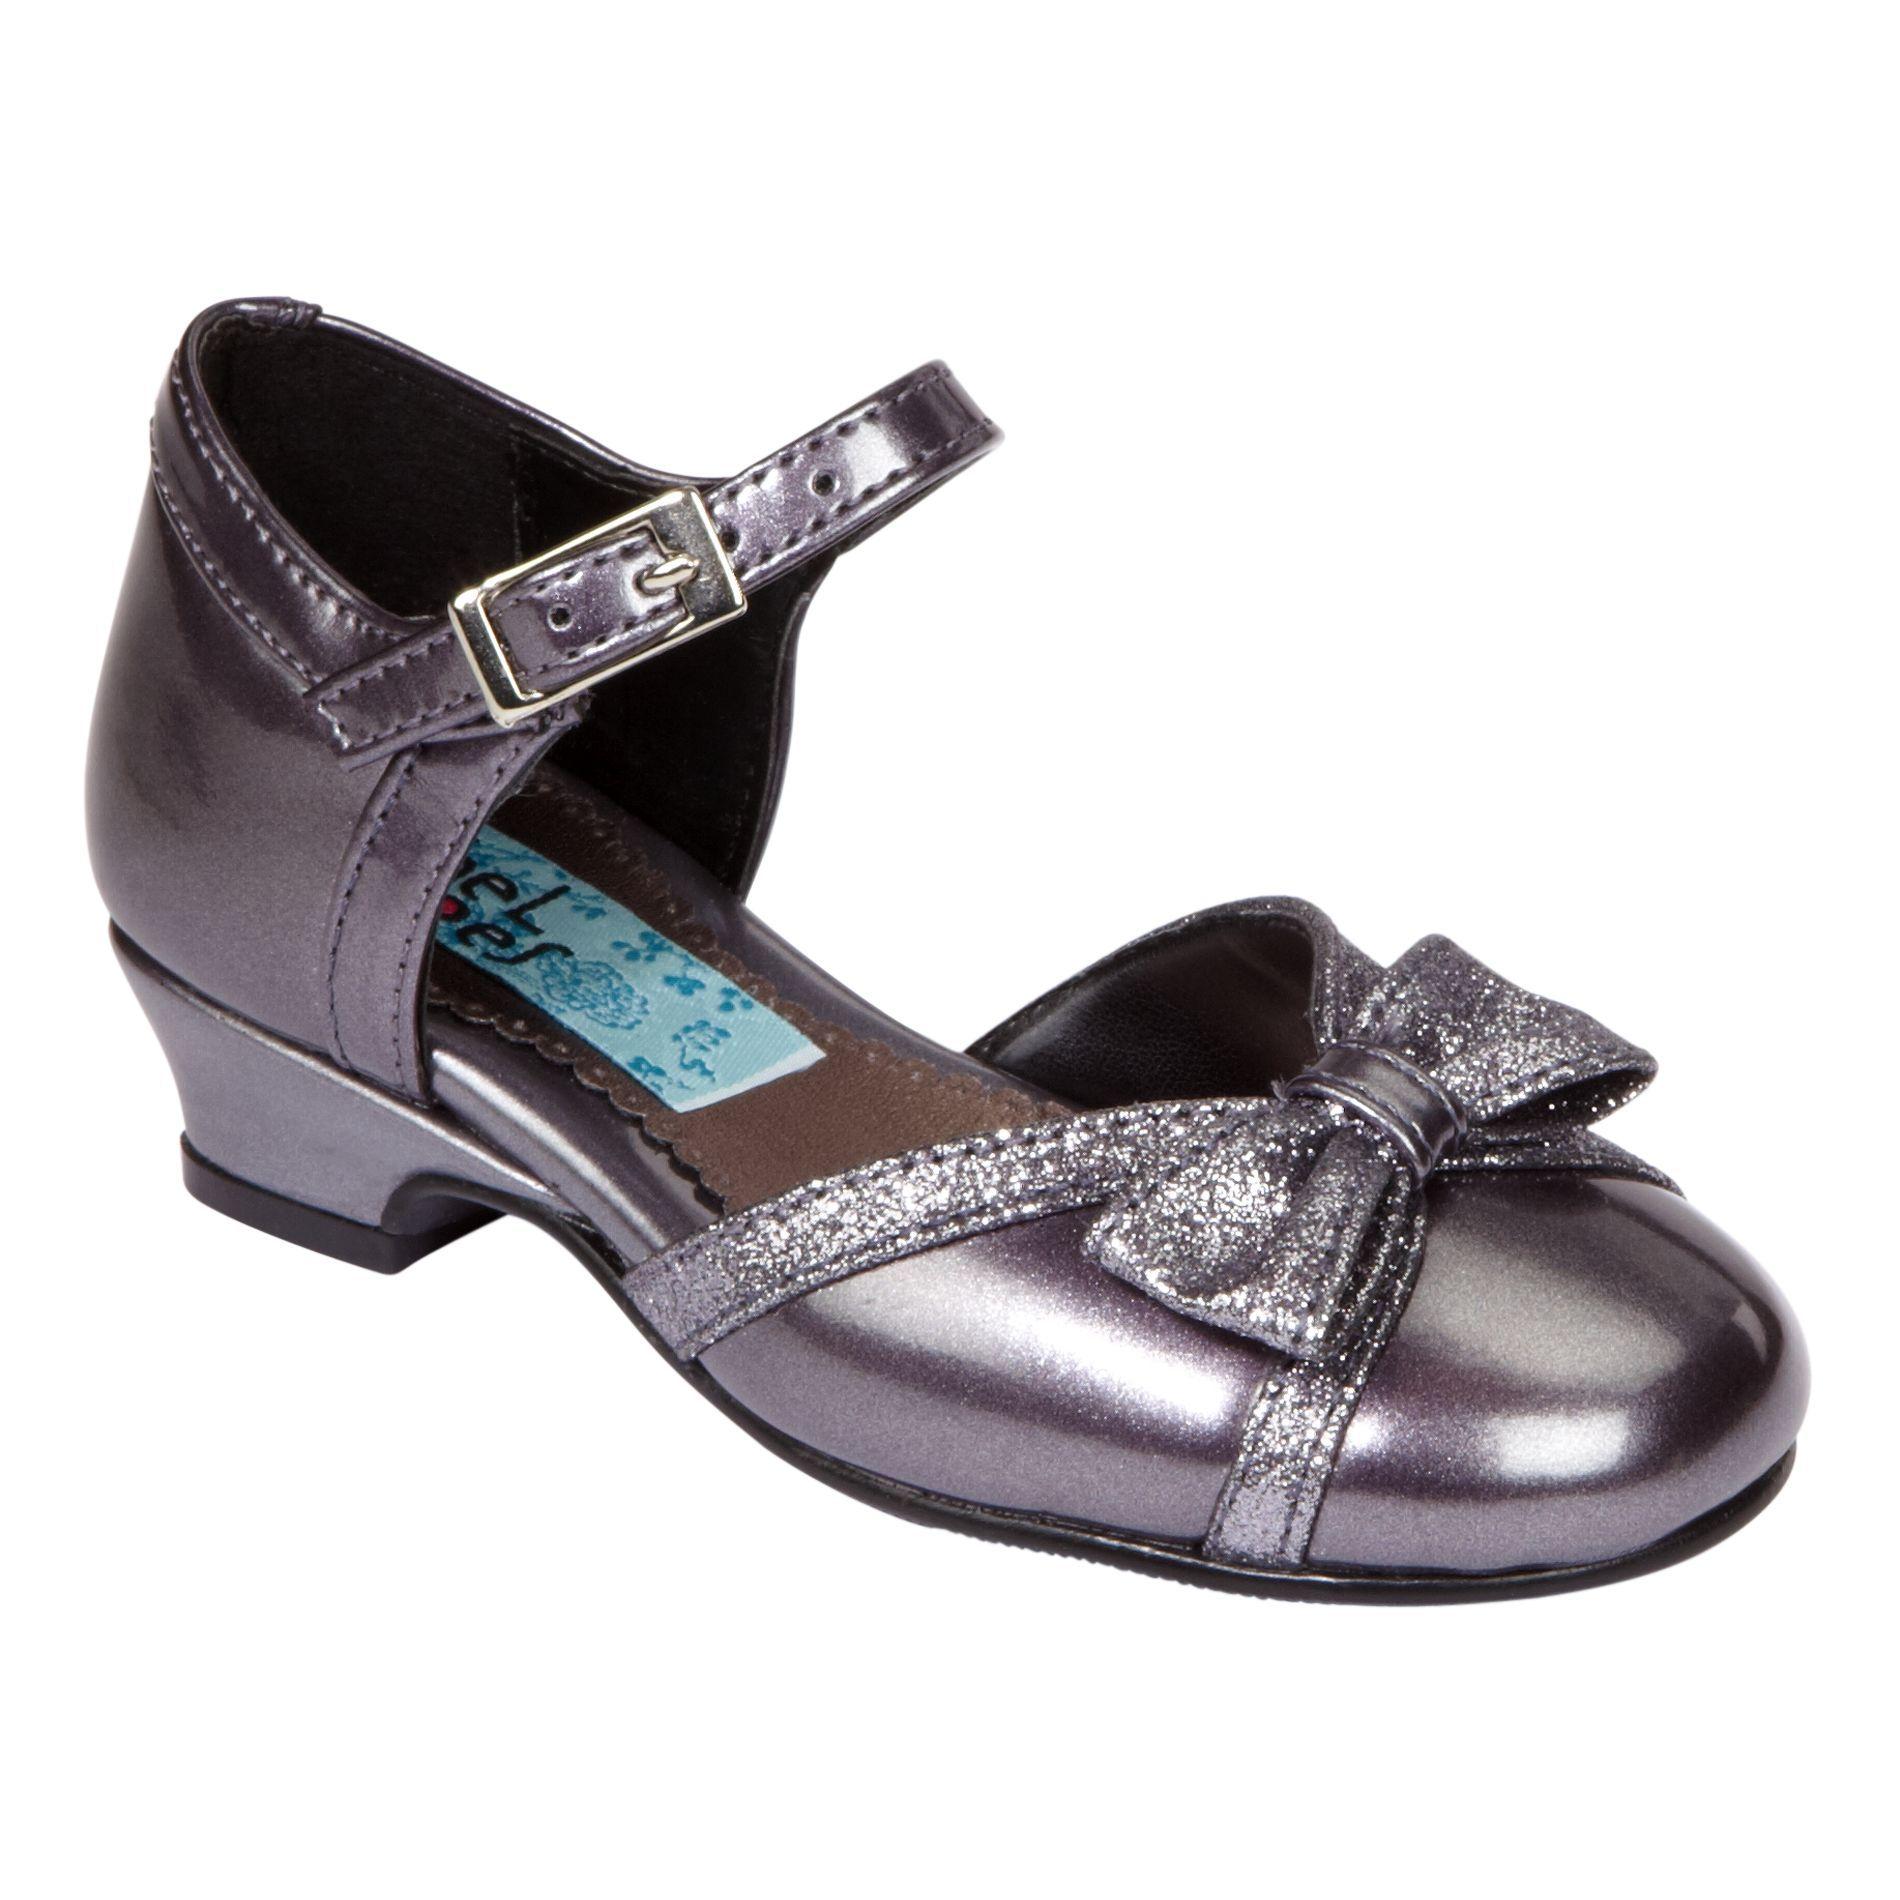 Rachel Shoes Toddler Girls Dress Shoe